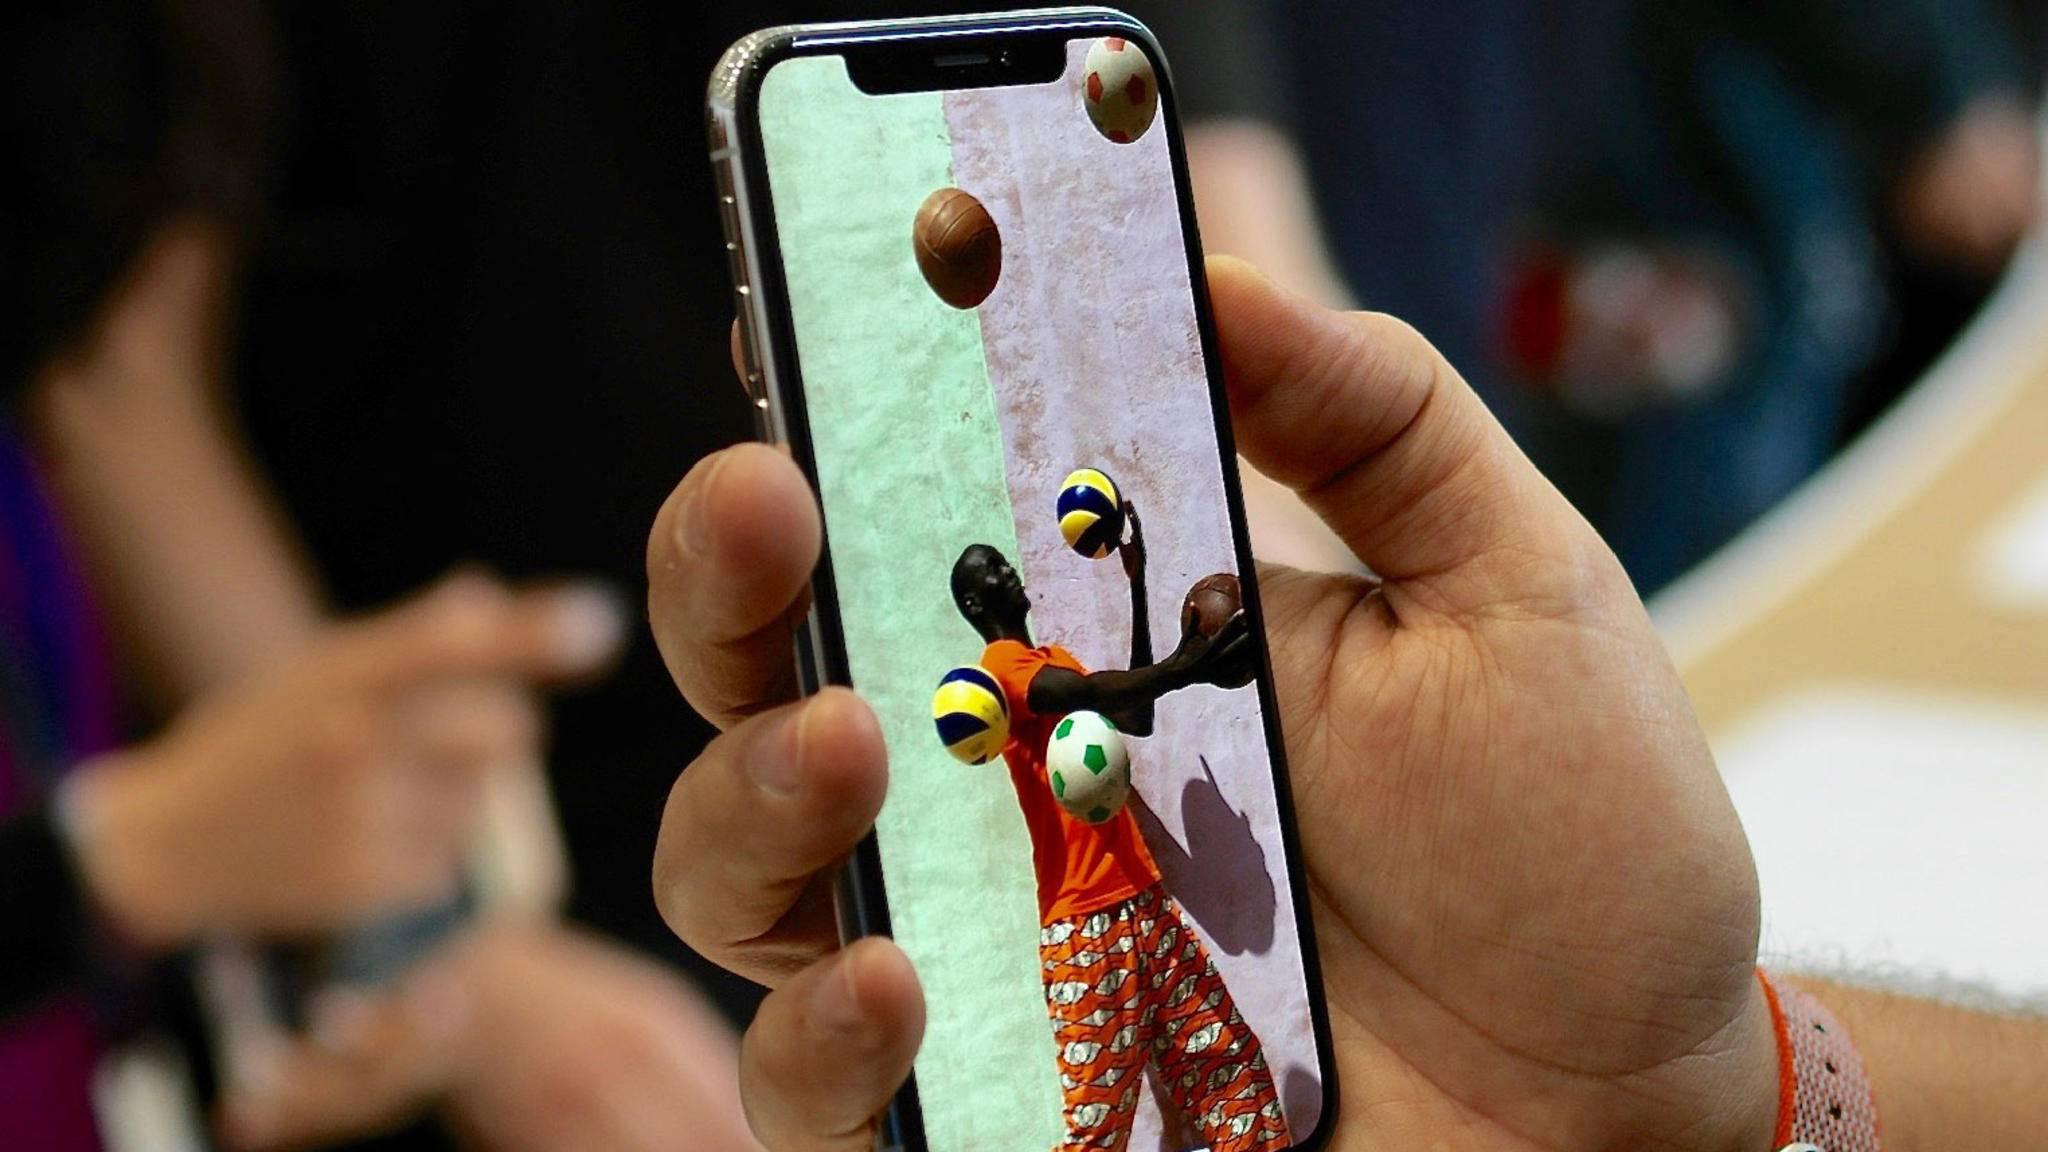 Auf Twitter lobt ein ehemaliger Apple-Angestellter den riesigen Screen des iPhone X.